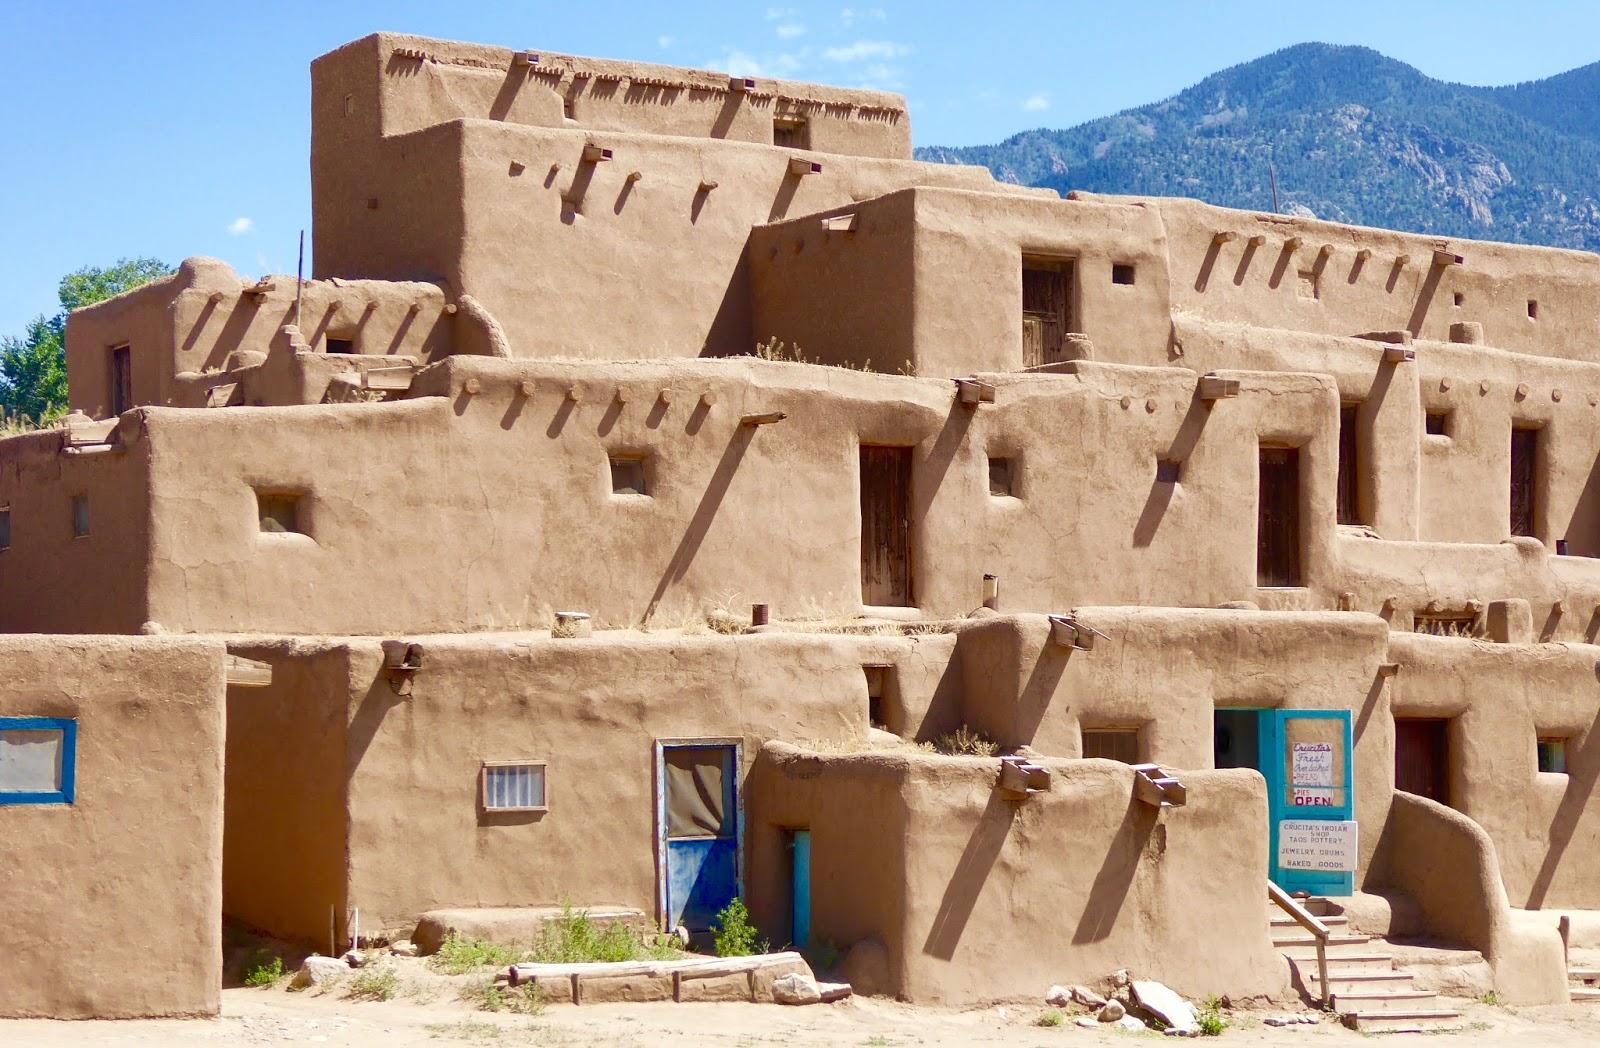 Tres culturas at taos pueblo schoolartsroom art for How to build a model pueblo house